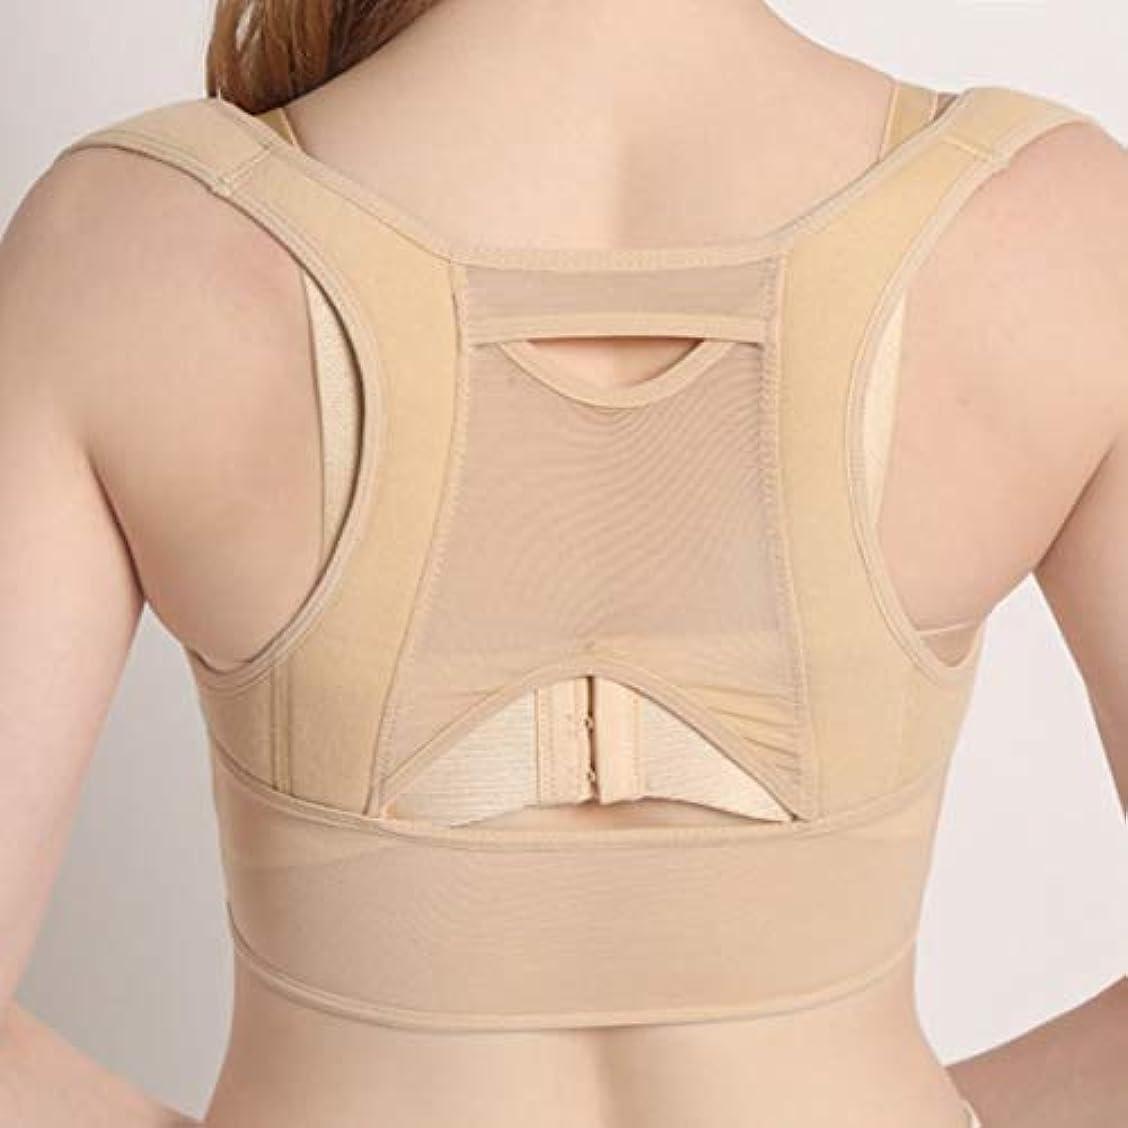 一緒に世論調査贅沢な通気性のある女性の背中の姿勢矯正コルセット整形外科の肩の背骨の姿勢矯正腰椎サポート - ベージュホワイトM